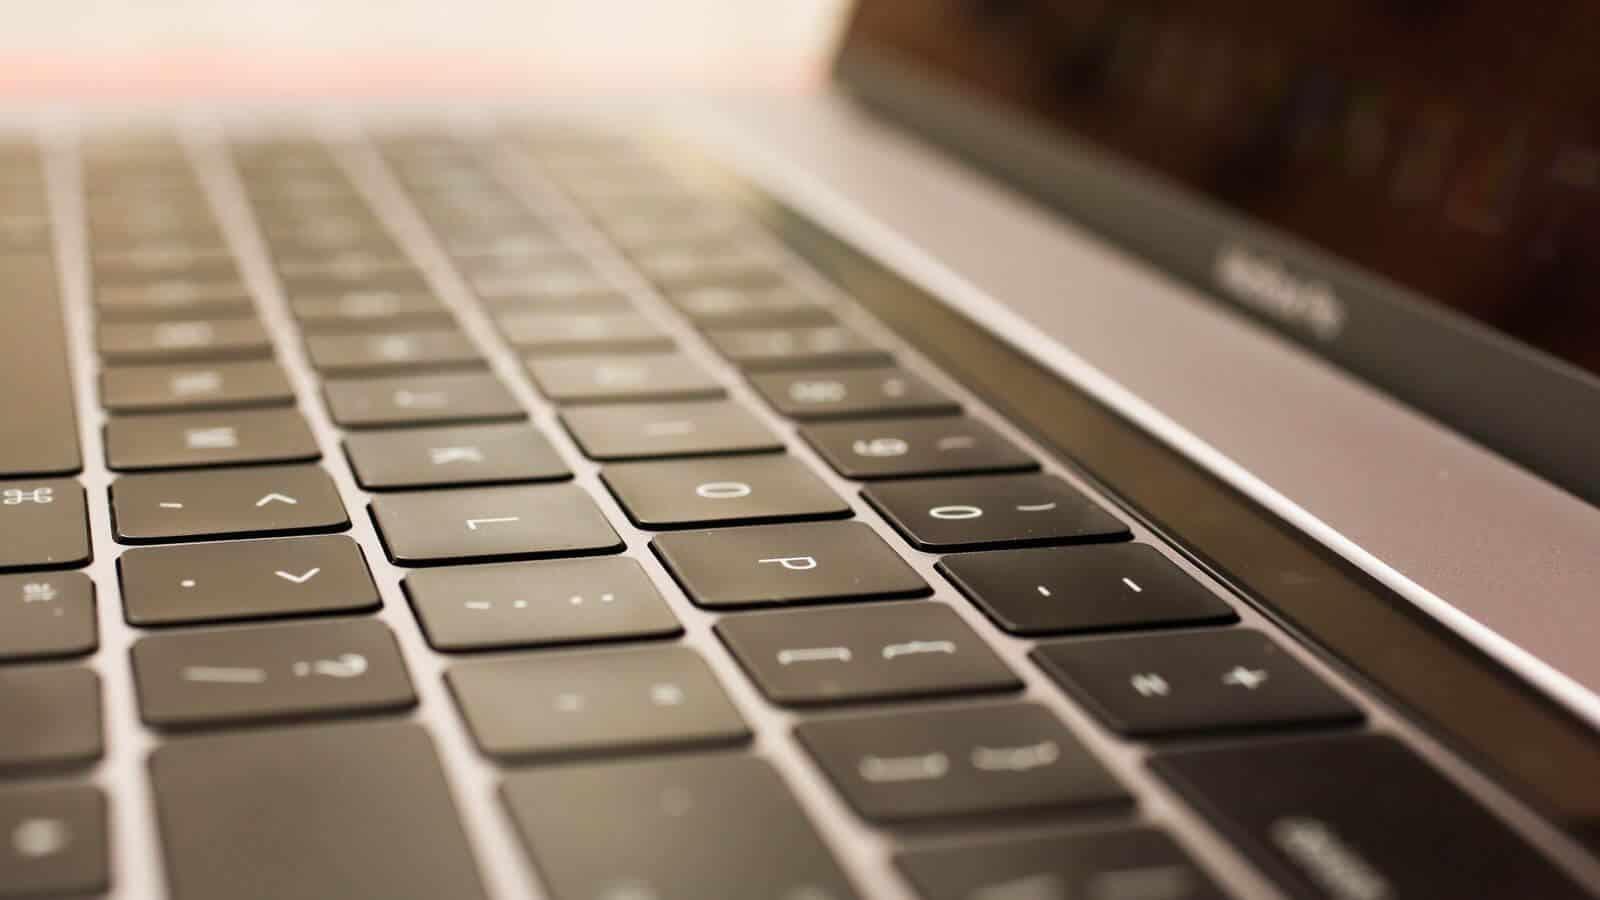 Macbook Pro 2019 MUHN2 sở hữu bàn phím Butterfly phiên bản đời thứ 4